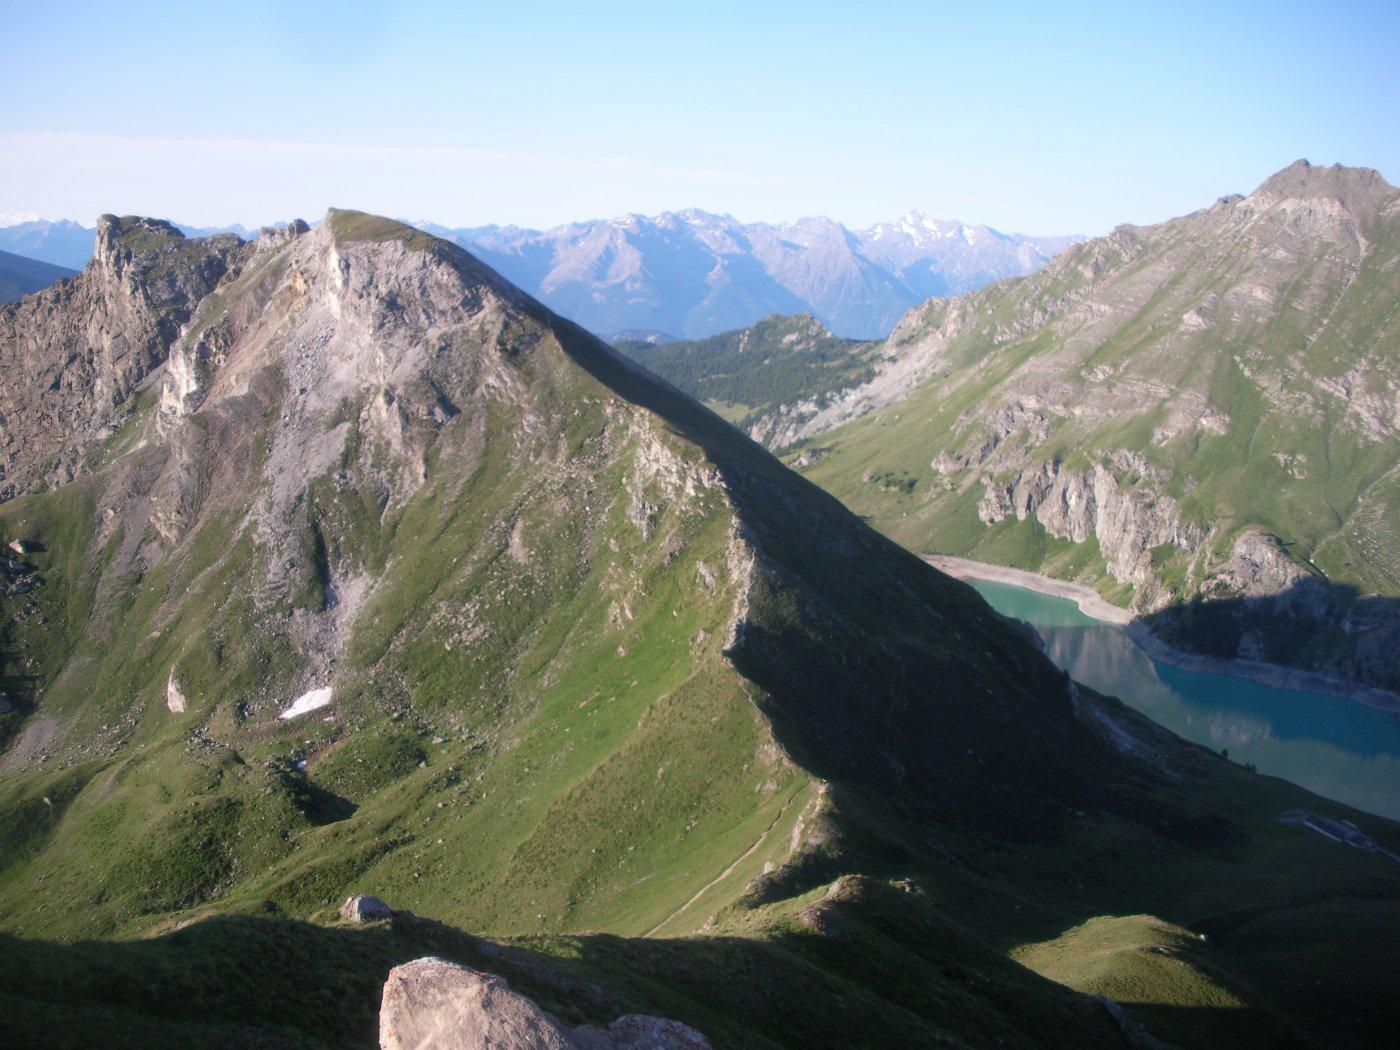 Il M.Pancherot e la conca di Cignana (ancora in ombra) dalla cresta sud al M.Seriola..